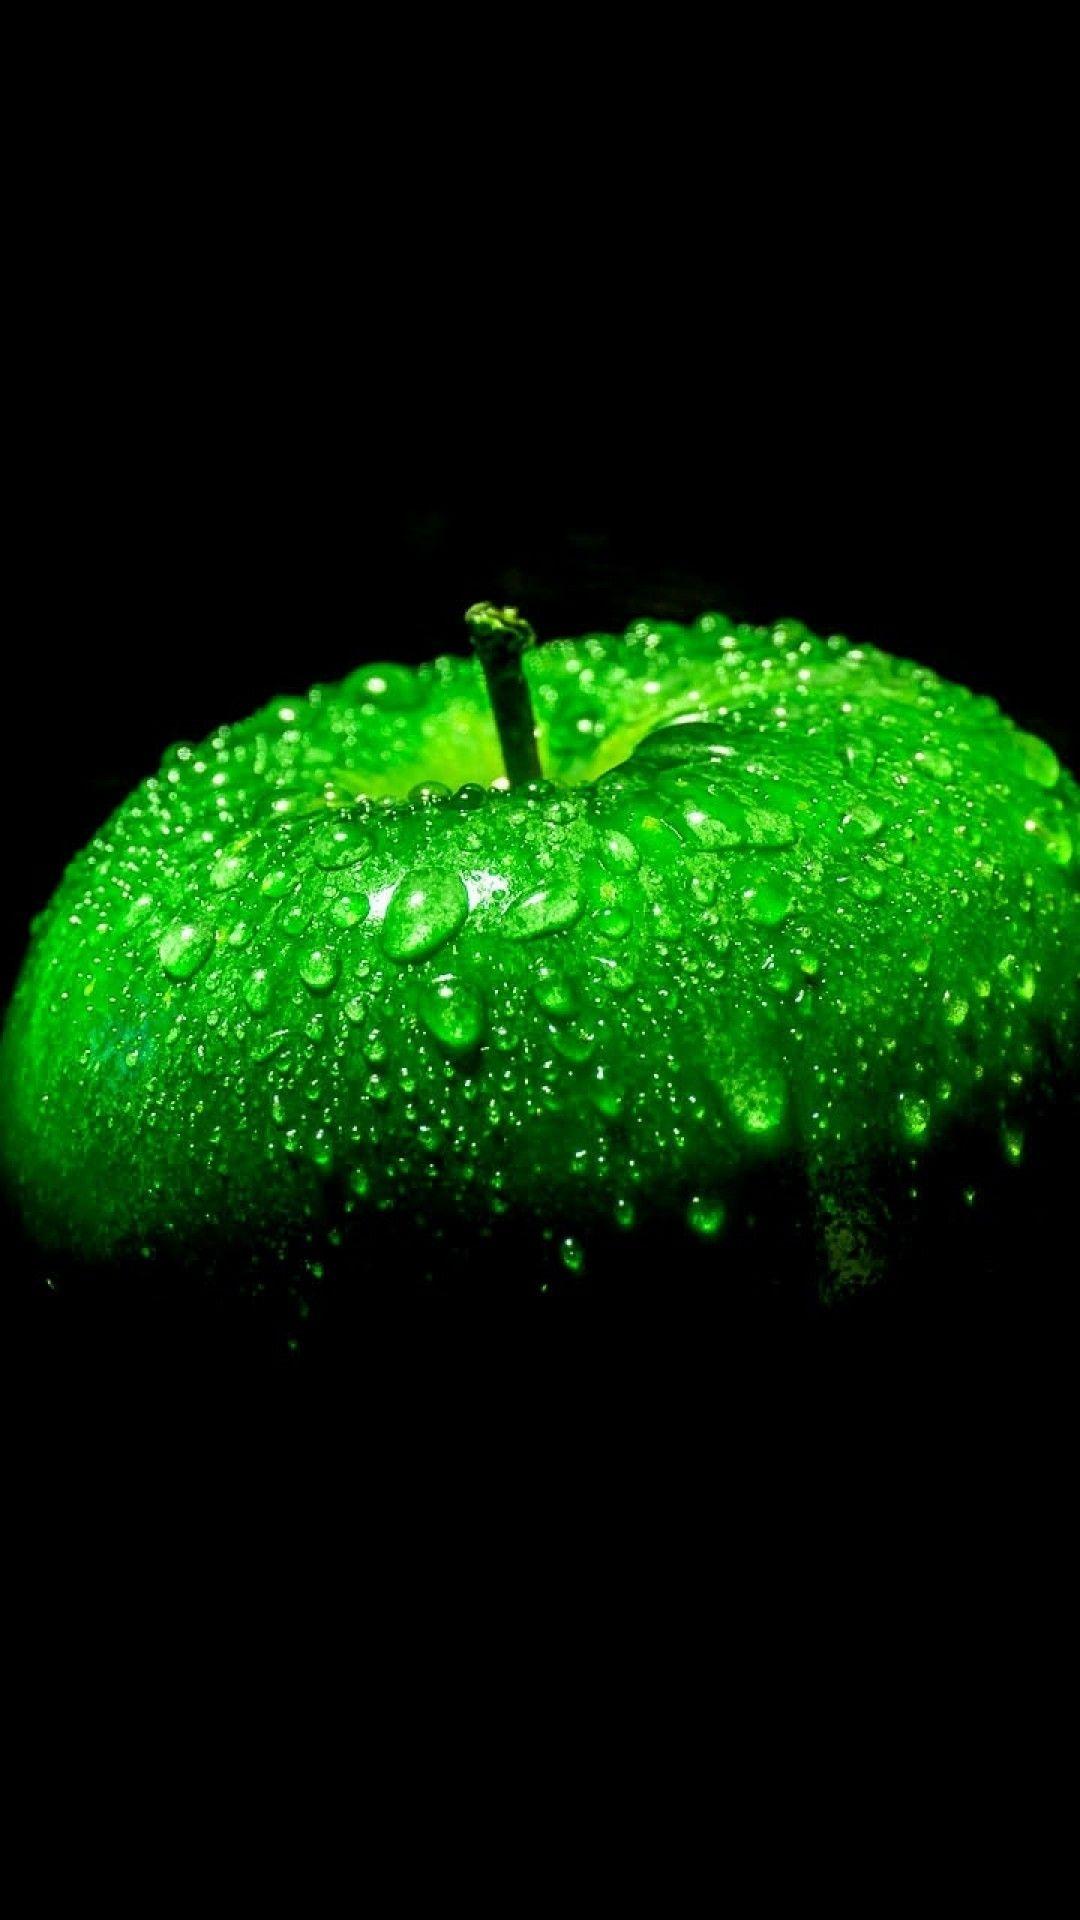 Apple Green Droplets Dark Mobile HD Wallpaper in 2020 ...